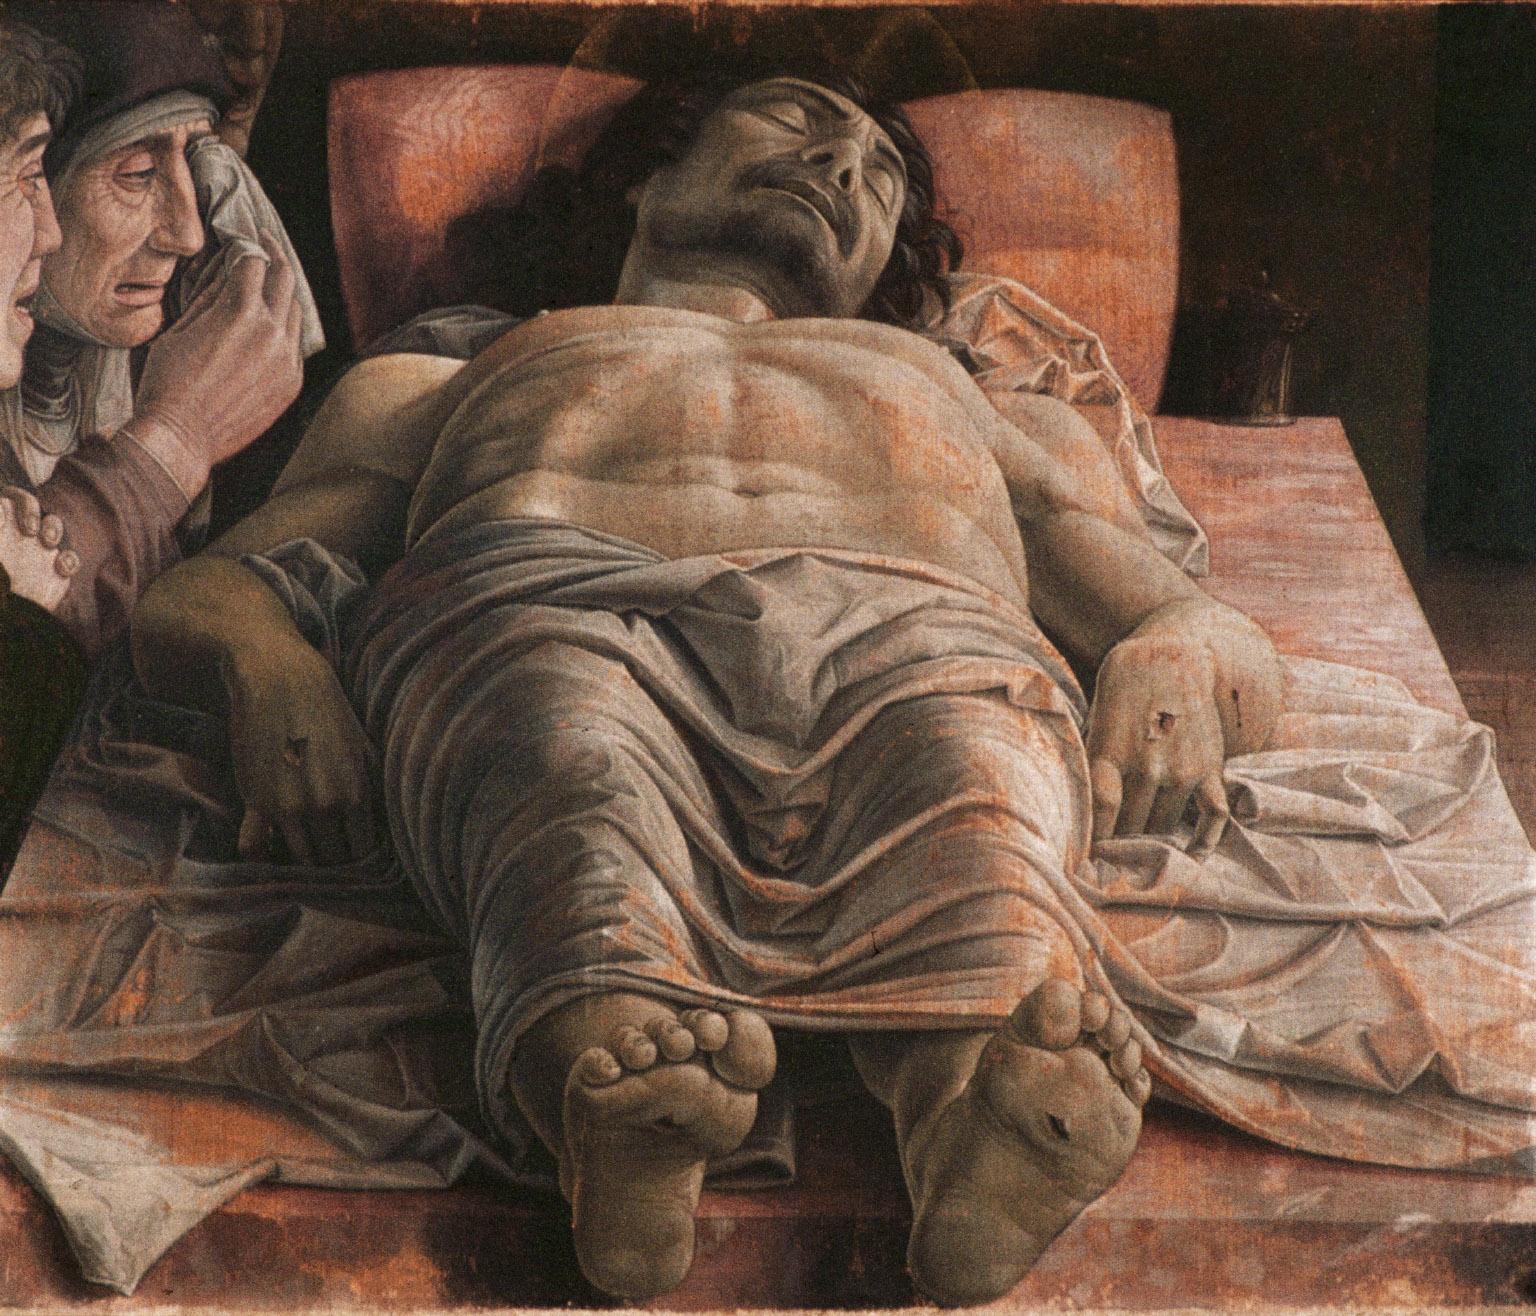 Andrea Mantegna, Cristo morto, 1475-1478 circa, tempera su tela, Milano, Pinacoteca di Brera